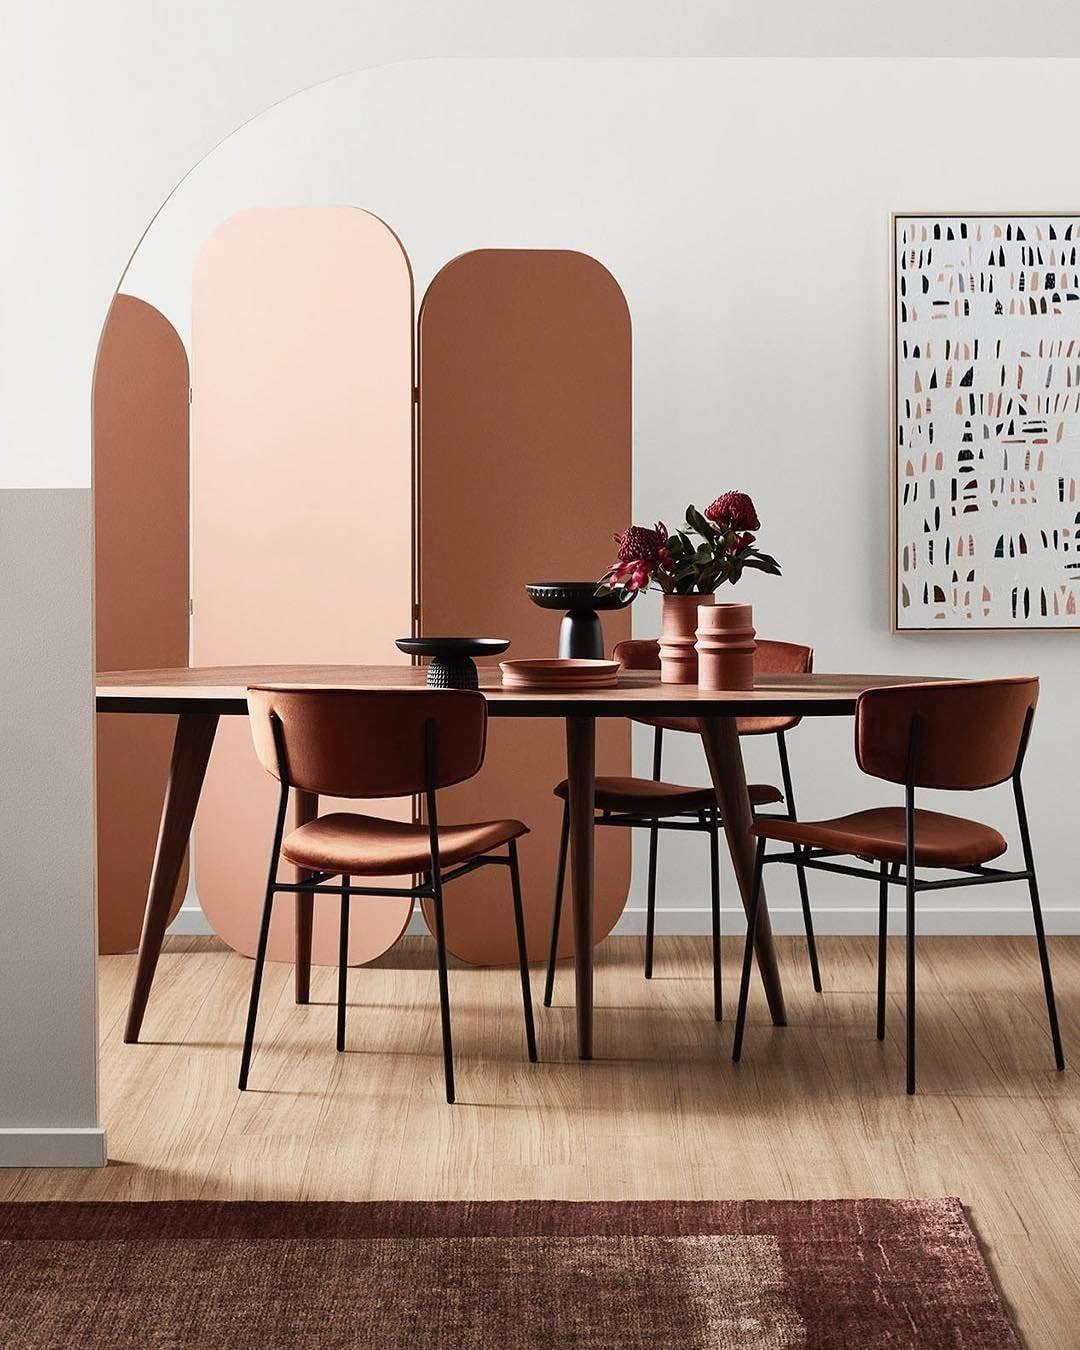 Décor do dia: sala de jantar com biombo e tons terrosos (Foto: Mike Baker/Divulgação)